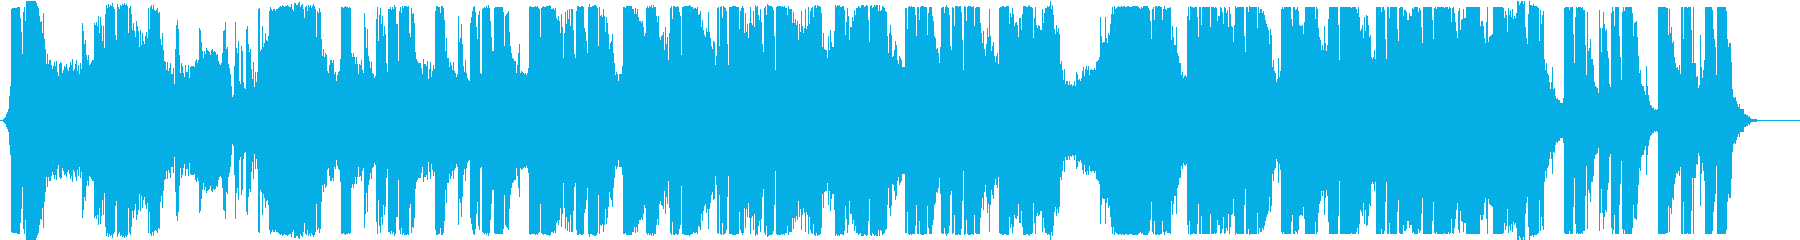 インディーロック ワイルド スポー...の再生済みの波形